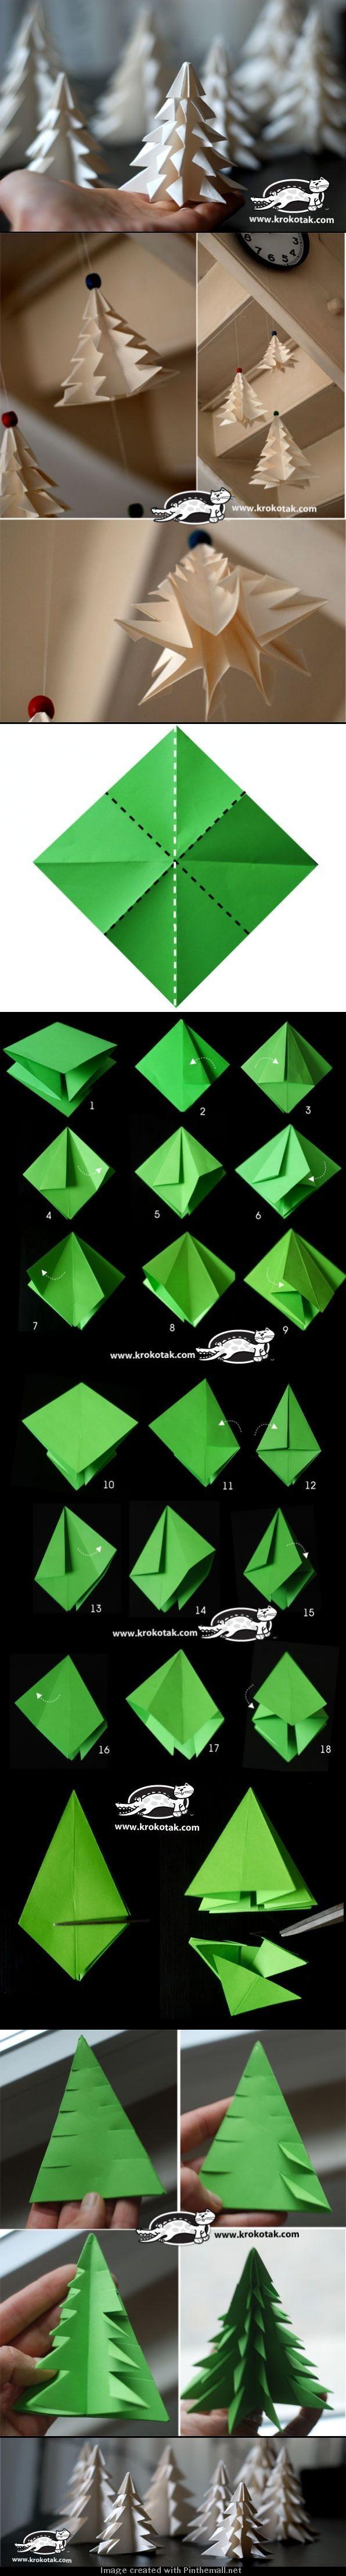 albero con origami